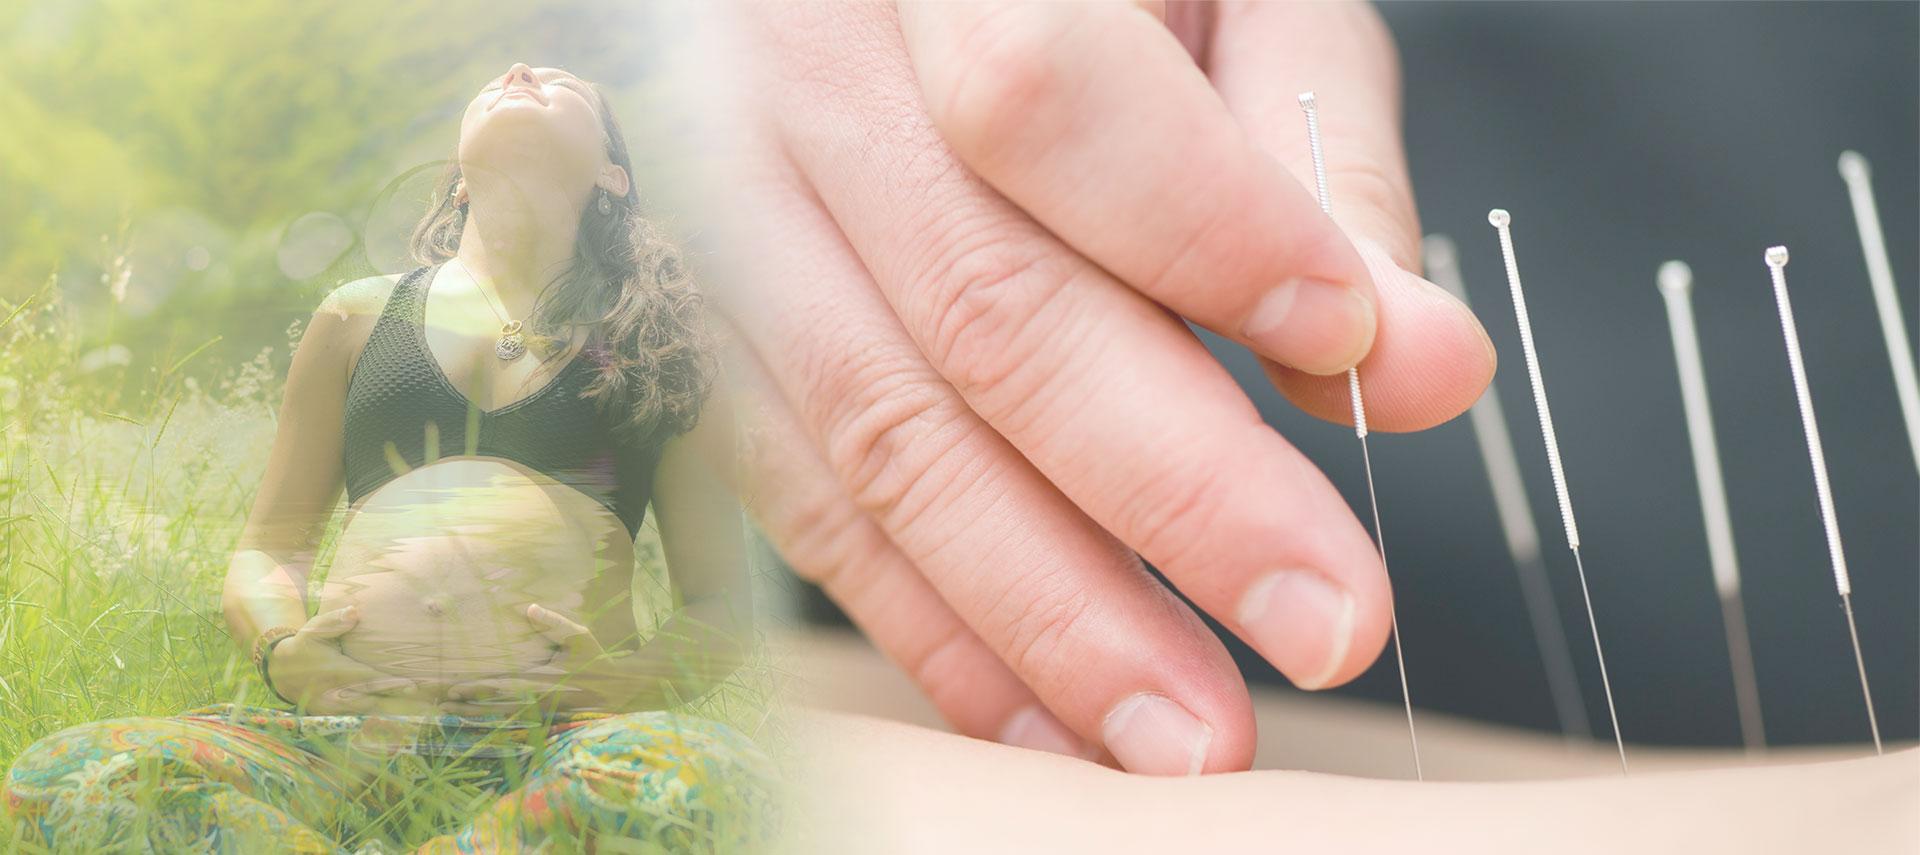 Mainslider - Fertility & Acupuncture